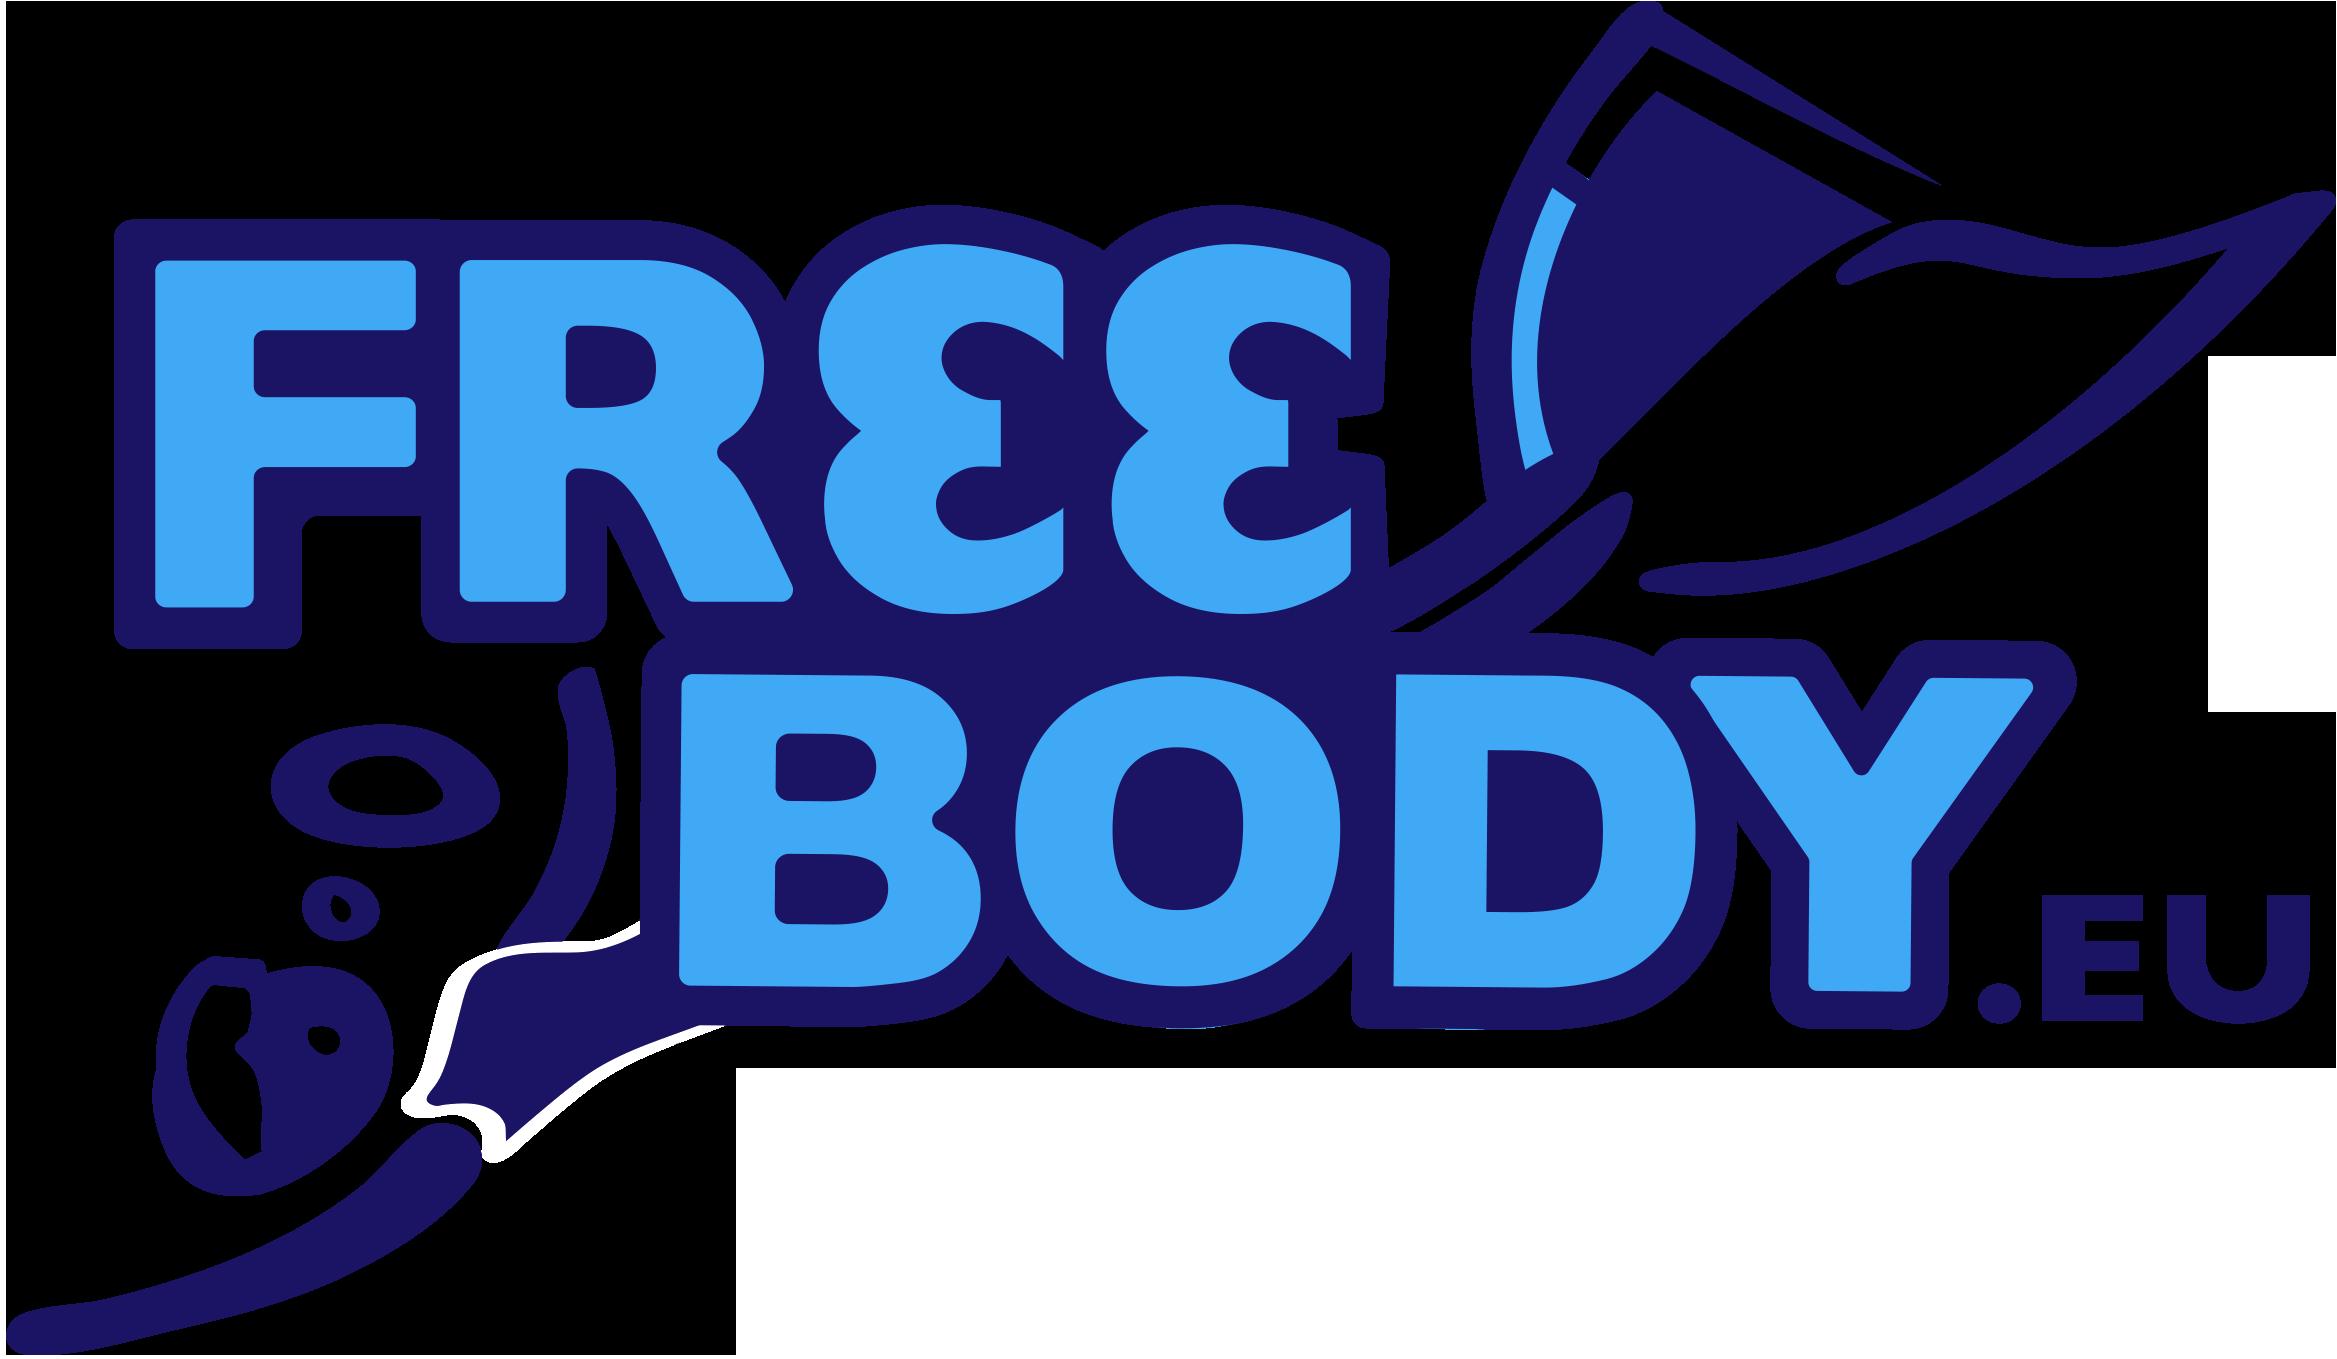 Freediving - Poczuj czym jest Nurkowanie Swobodne z Freebody.eu